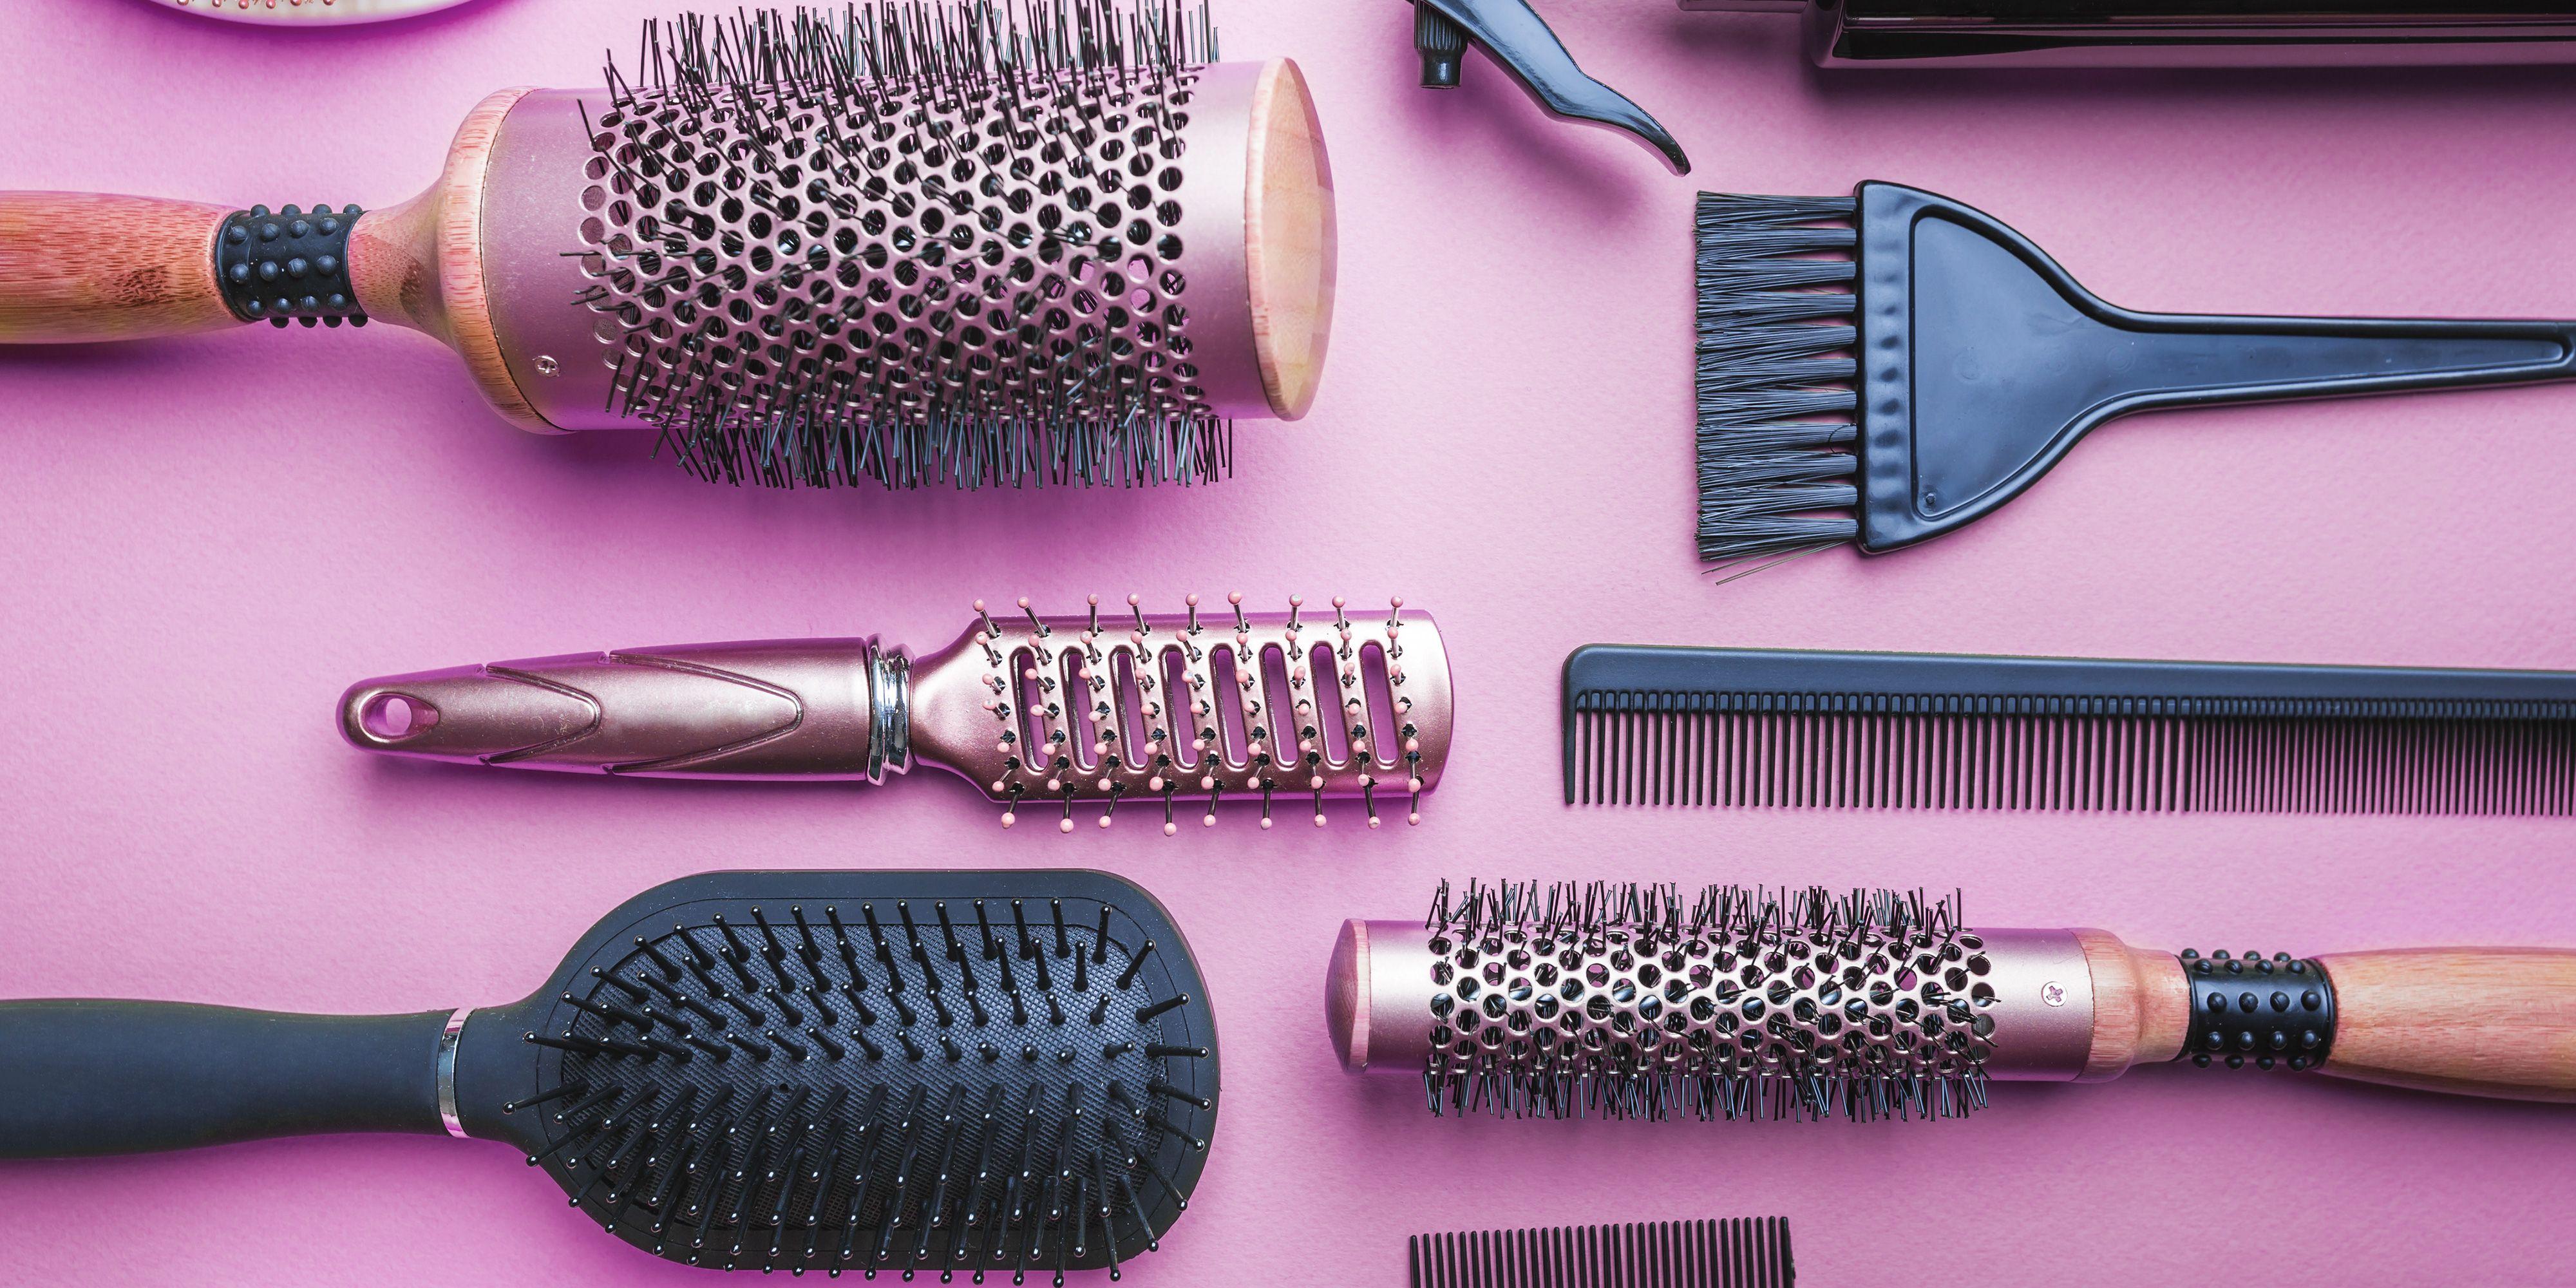 Bleach London has launched a digital hair salon